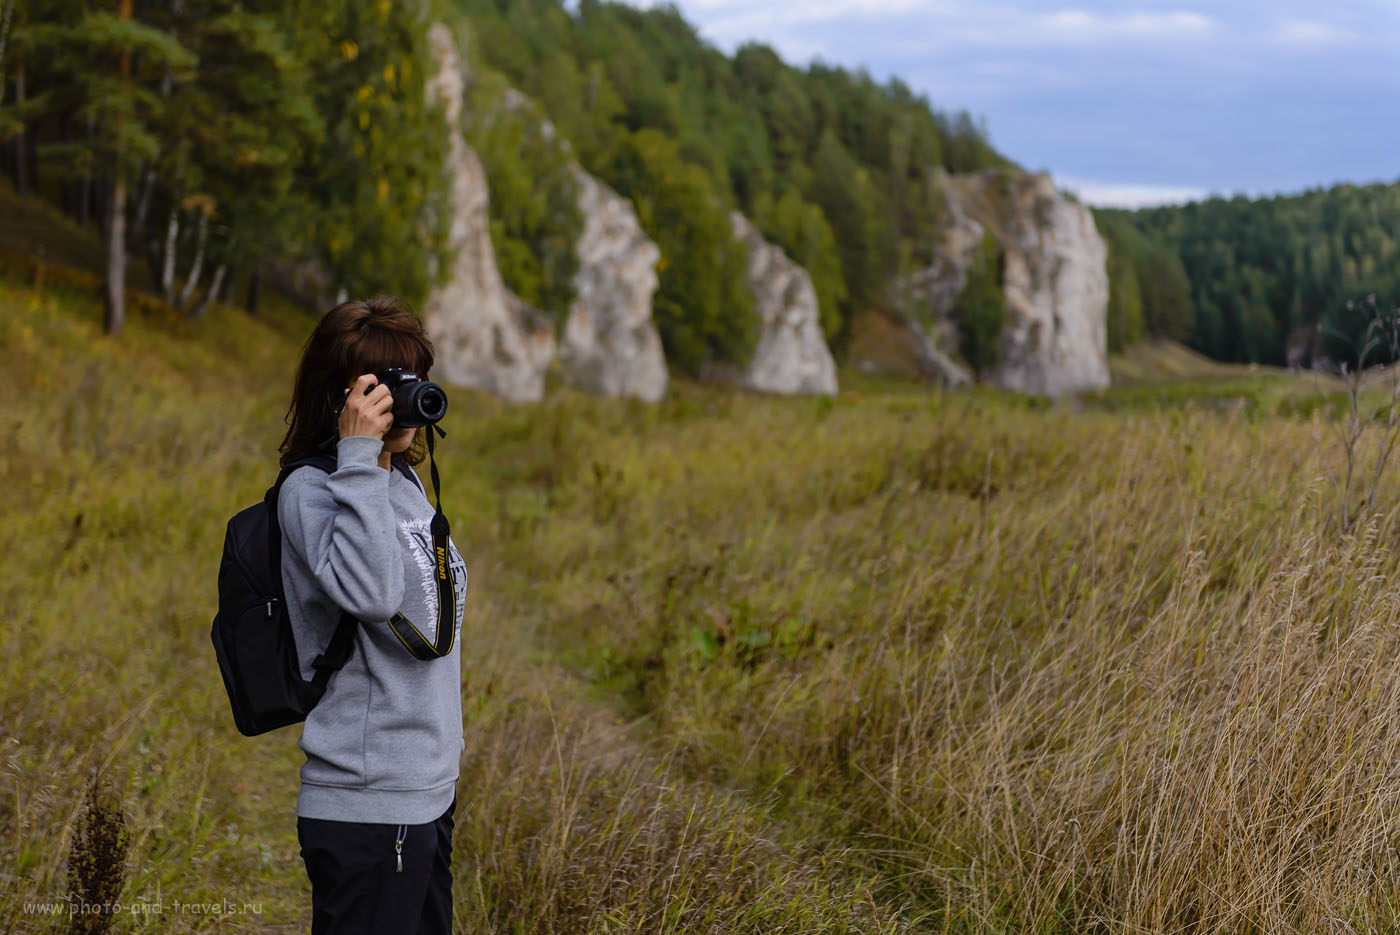 Фотография 15. Чем держать в руках сумку для фотоаппарата, освободите их для камеры. Тогда есть шанс, что самый лучший кадр не будет упущен.